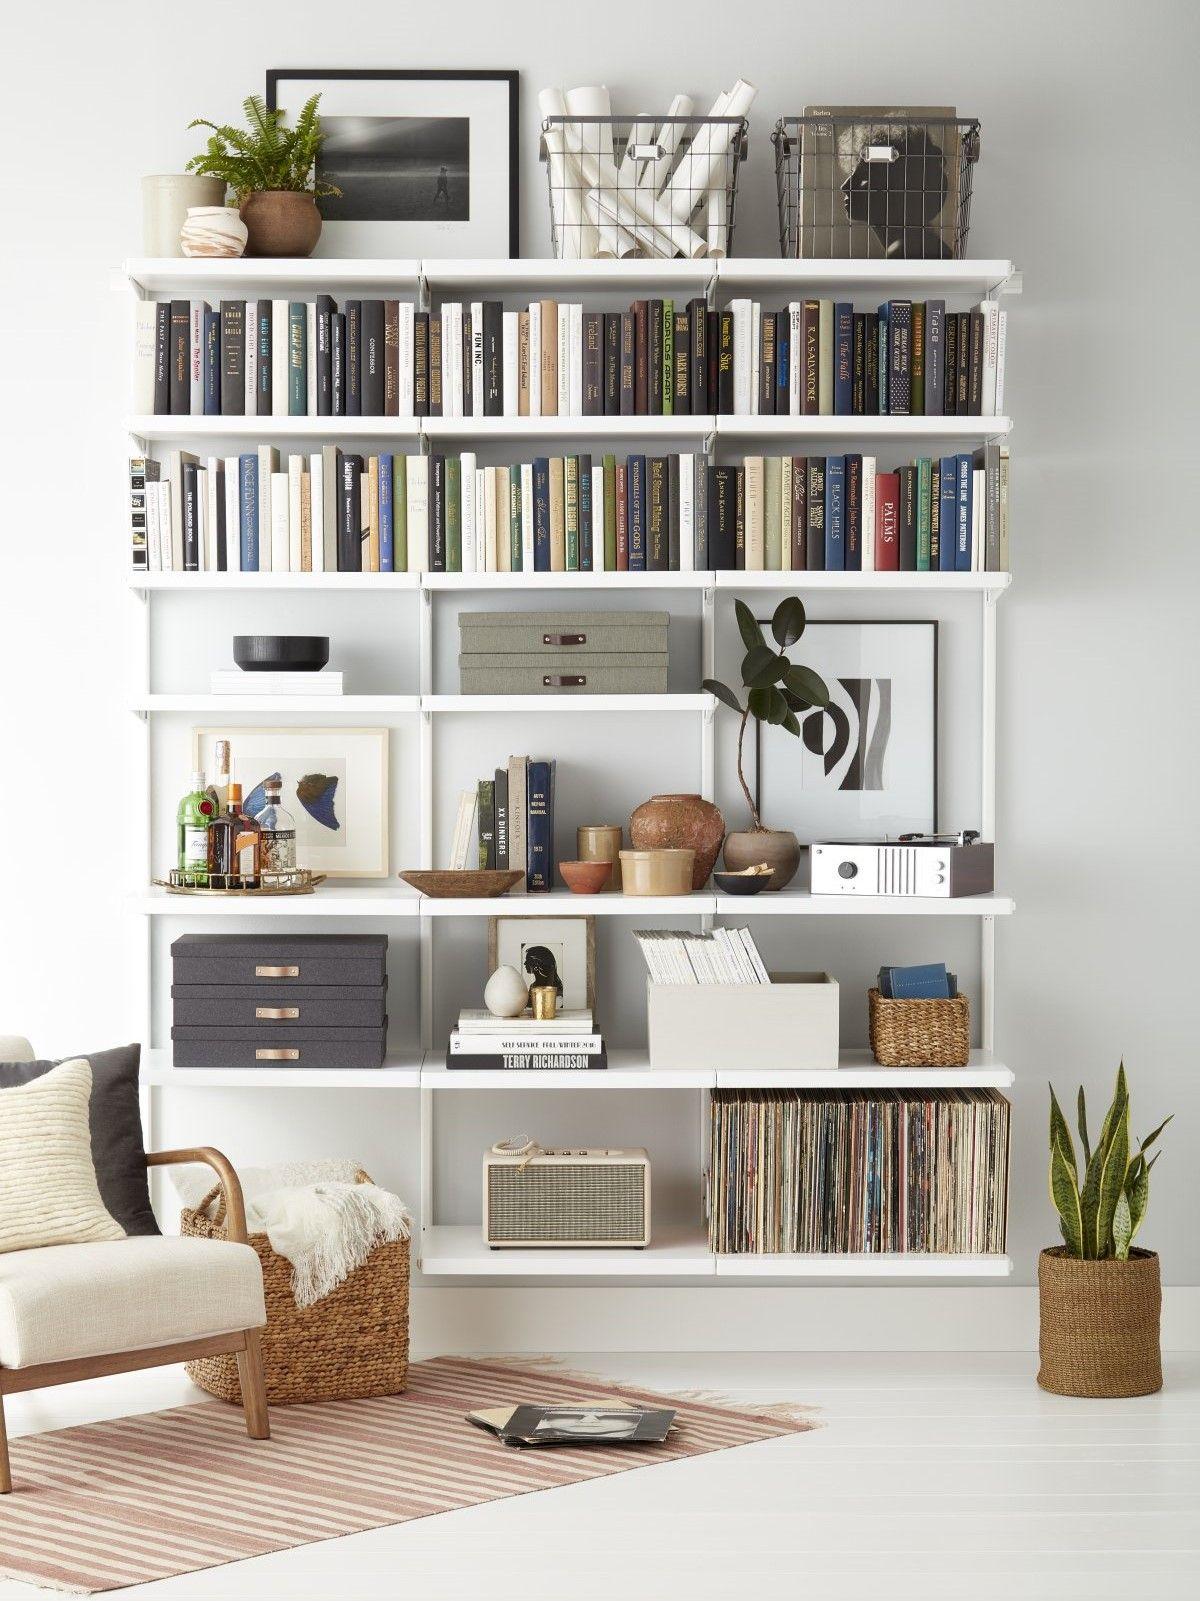 Elfa Decor 6 Bookshelf In 2020 Bookshelves In Living Room Bookshelves Diy Bookshelf Design